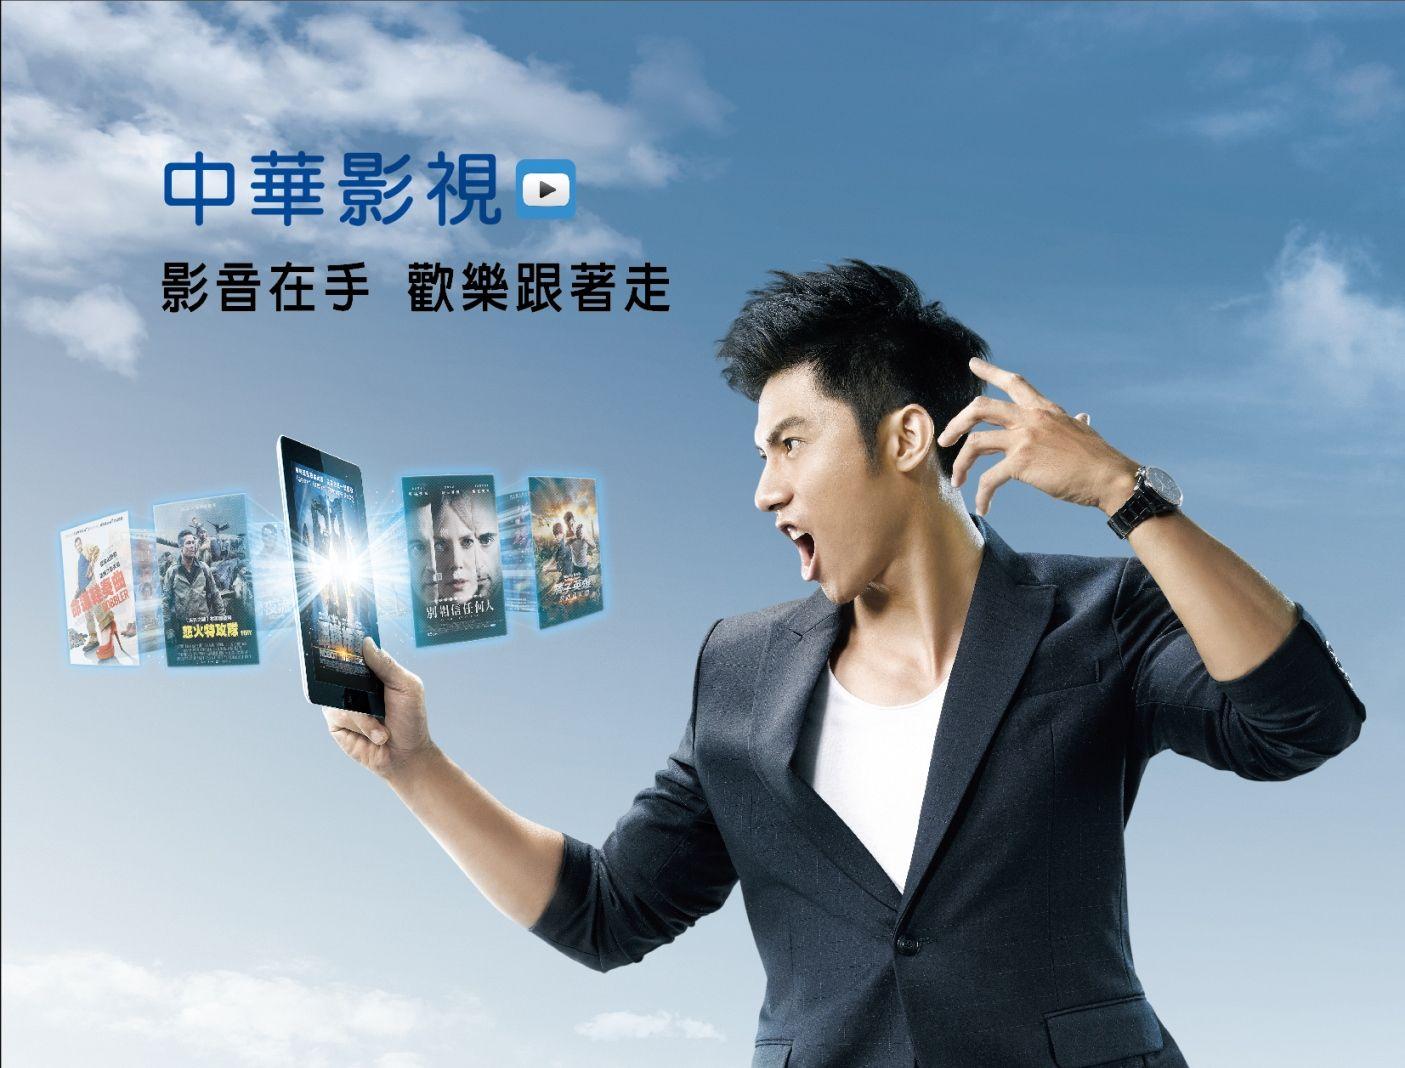 暑期超優惠 中華影視 App 七天內免費看